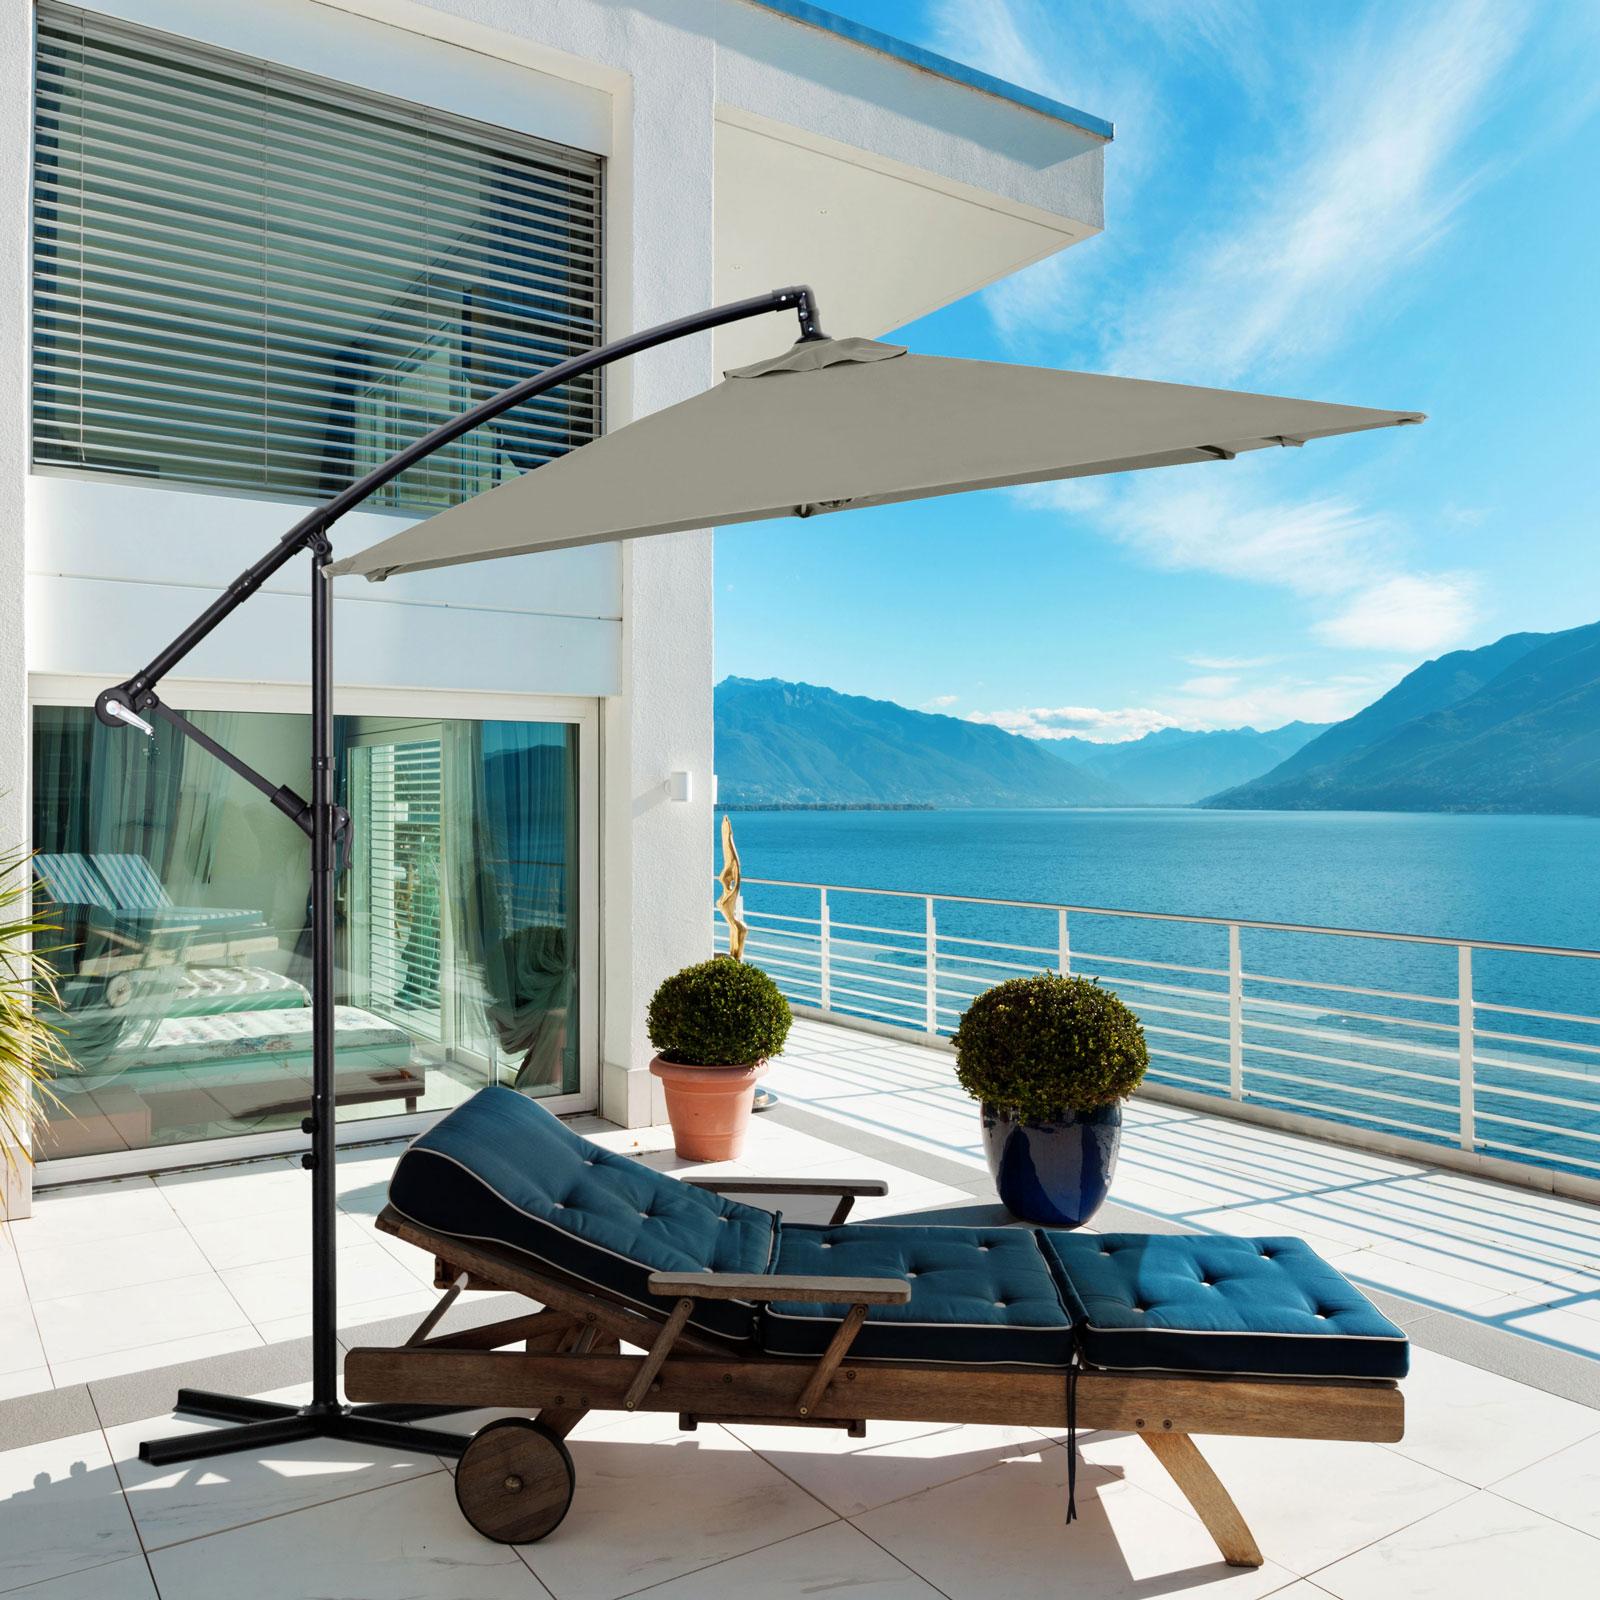 Milano-2-2M-Outdoor-Umbrella-Cantilever-Garden-Deck-Patio-Shade-Water-Resistant thumbnail 20